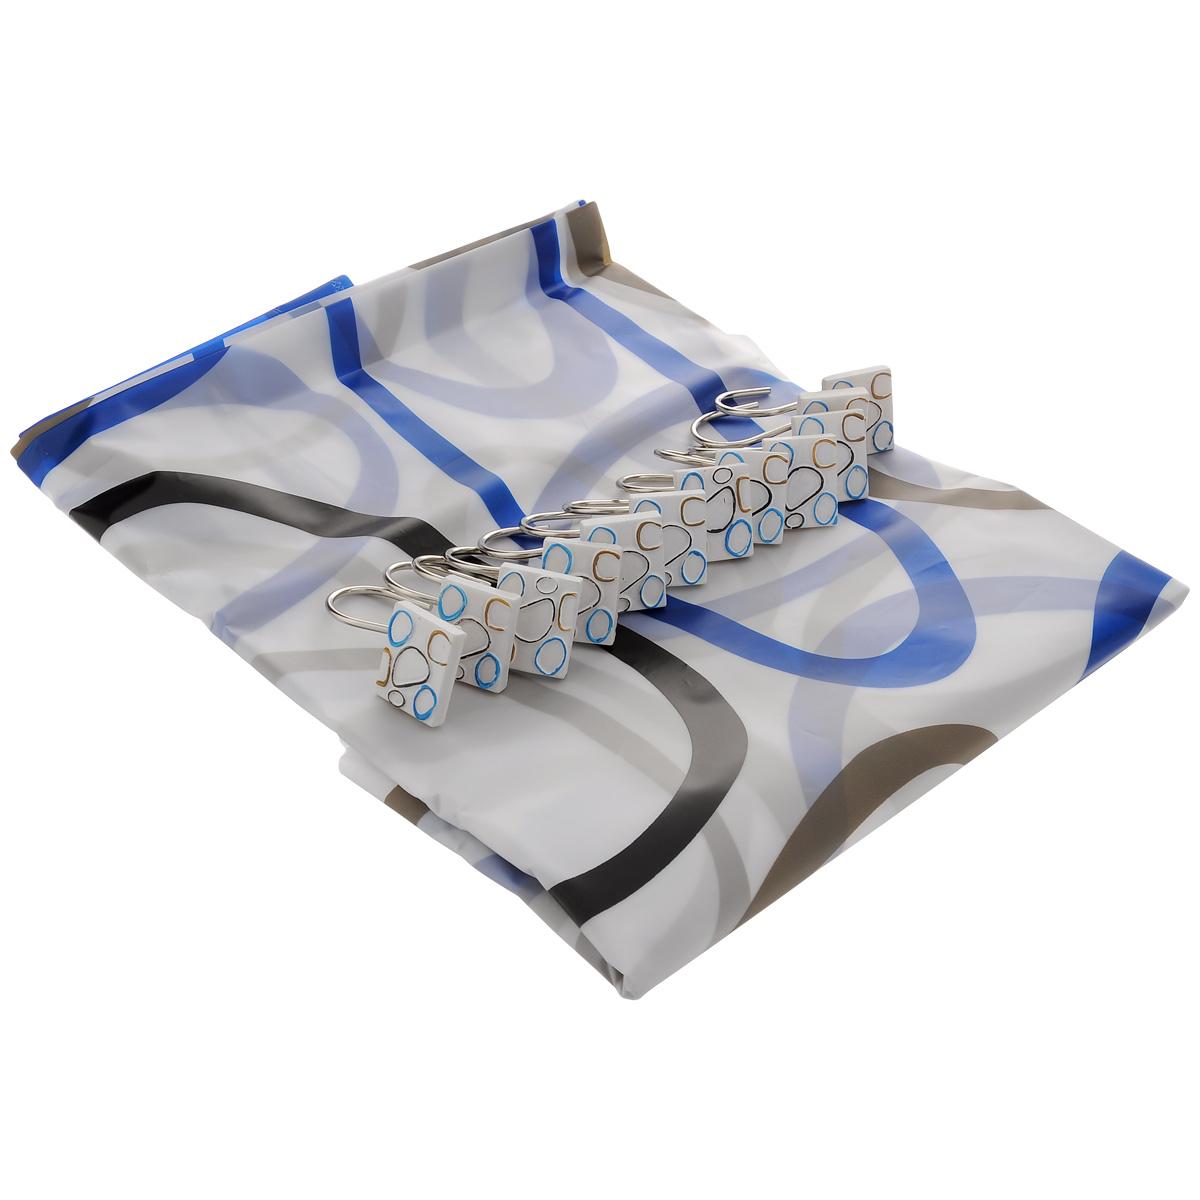 Штора для ванной комнаты House & Holder, цвет: черный, синий, коричневый, 180 х 180 см SWY069SWY069Штора для ванной комнаты House & Holder изготовлена из полимера с водоотталкивающим покрытием, оформлена изображением геометрических фигур. Такая штора легко стирается и быстро сохнет. В ее верхней кромке предусмотрены отверстия для крючков. Крючки, выполненные из металла, декорированы объемными фигурками. Количество крючков: 12 шт.